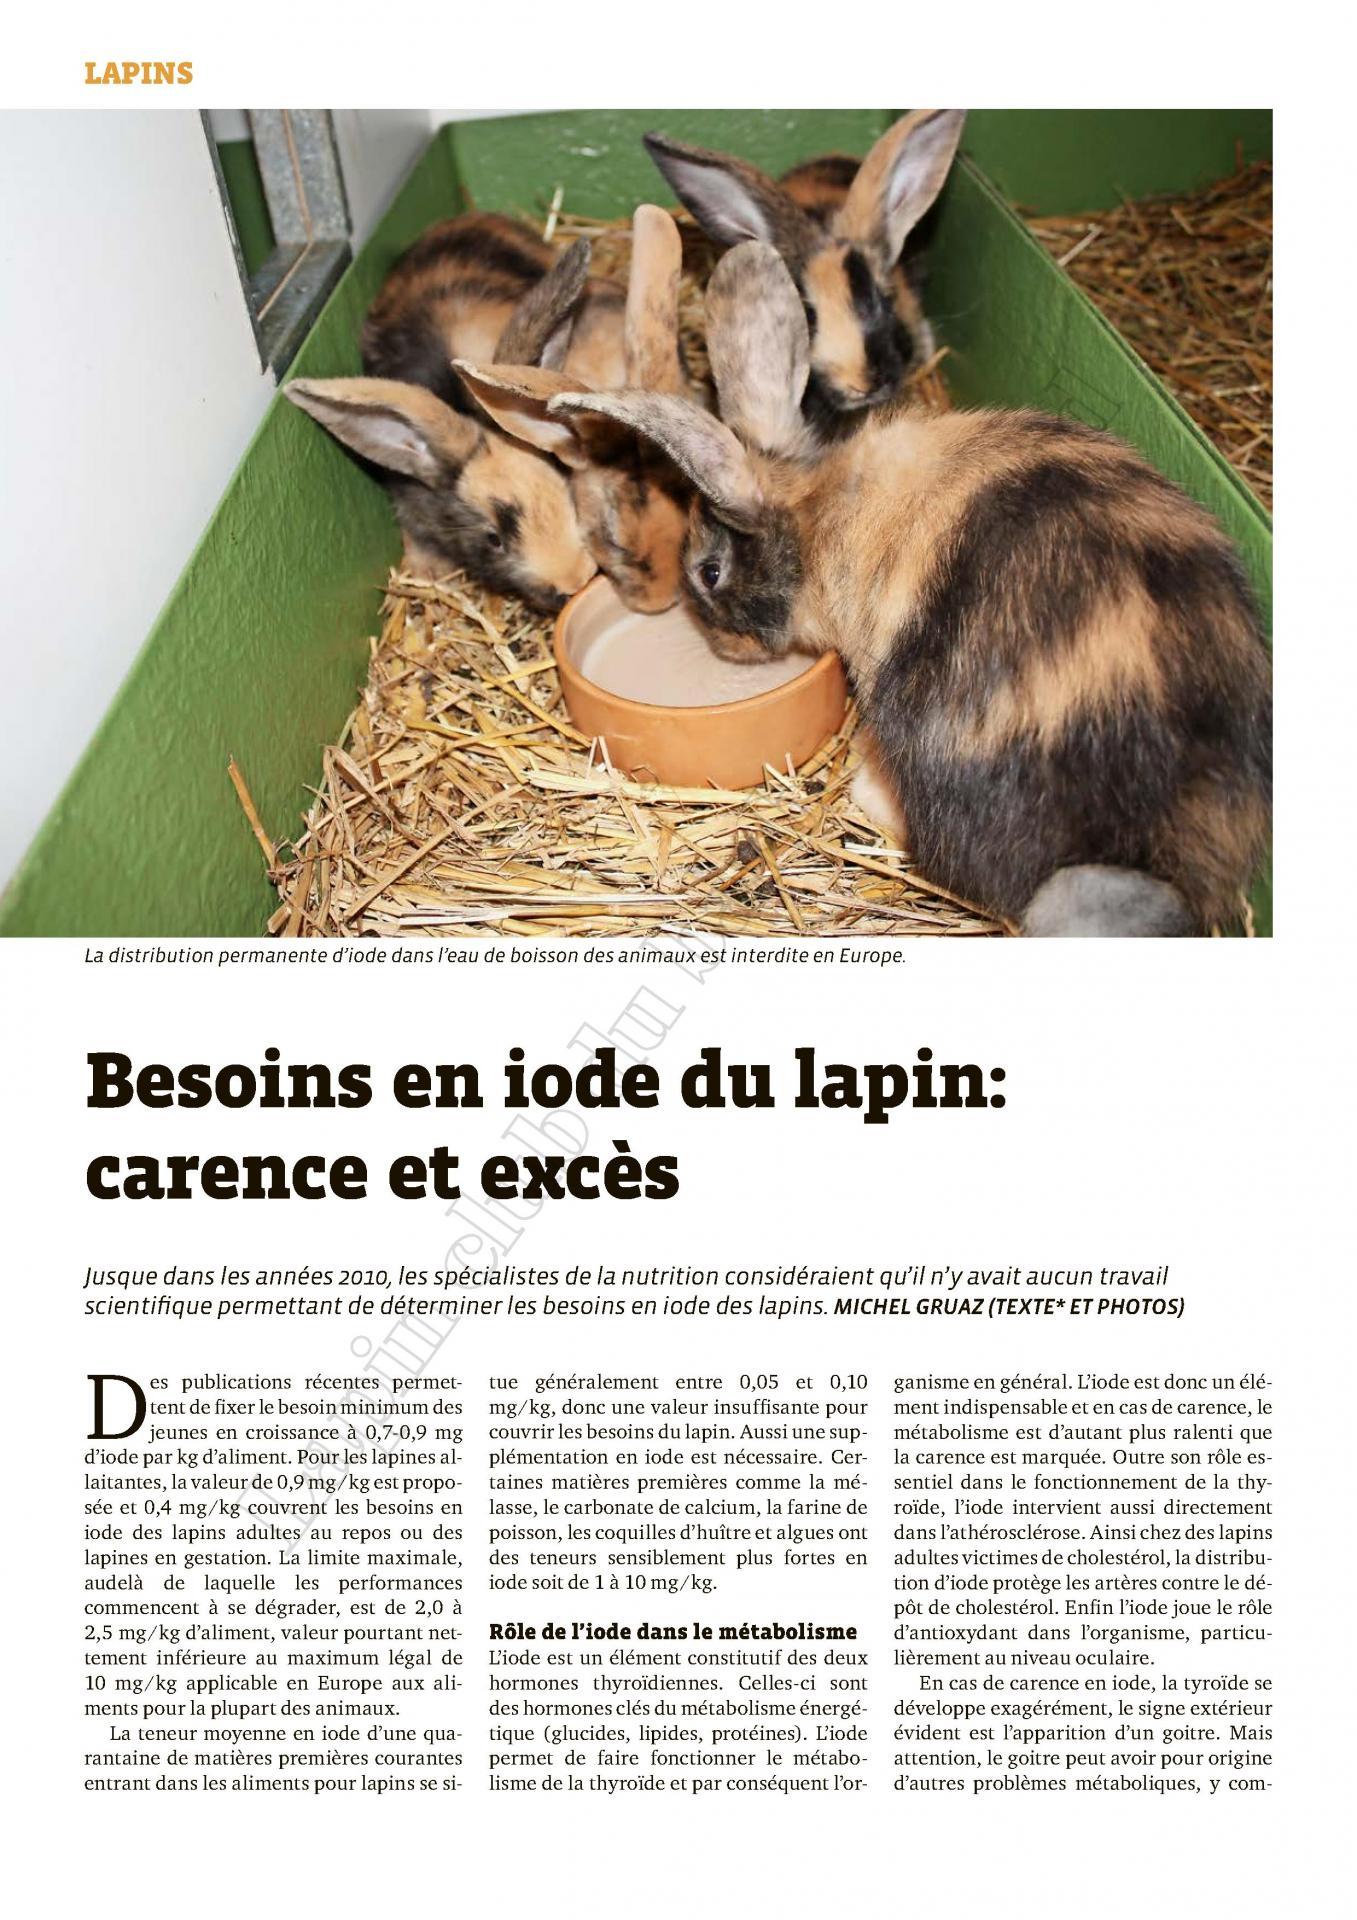 Besoins en iode du lapin carence et exces 1